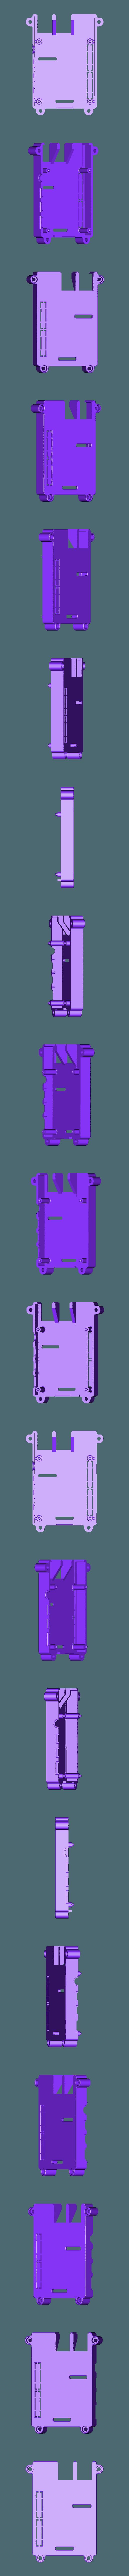 STANDARD_SLOTTED_BLANK.STL Télécharger fichier STL gratuit Étui Pi 4B Framboise Framboise • Objet pour imprimante 3D, mkellsy